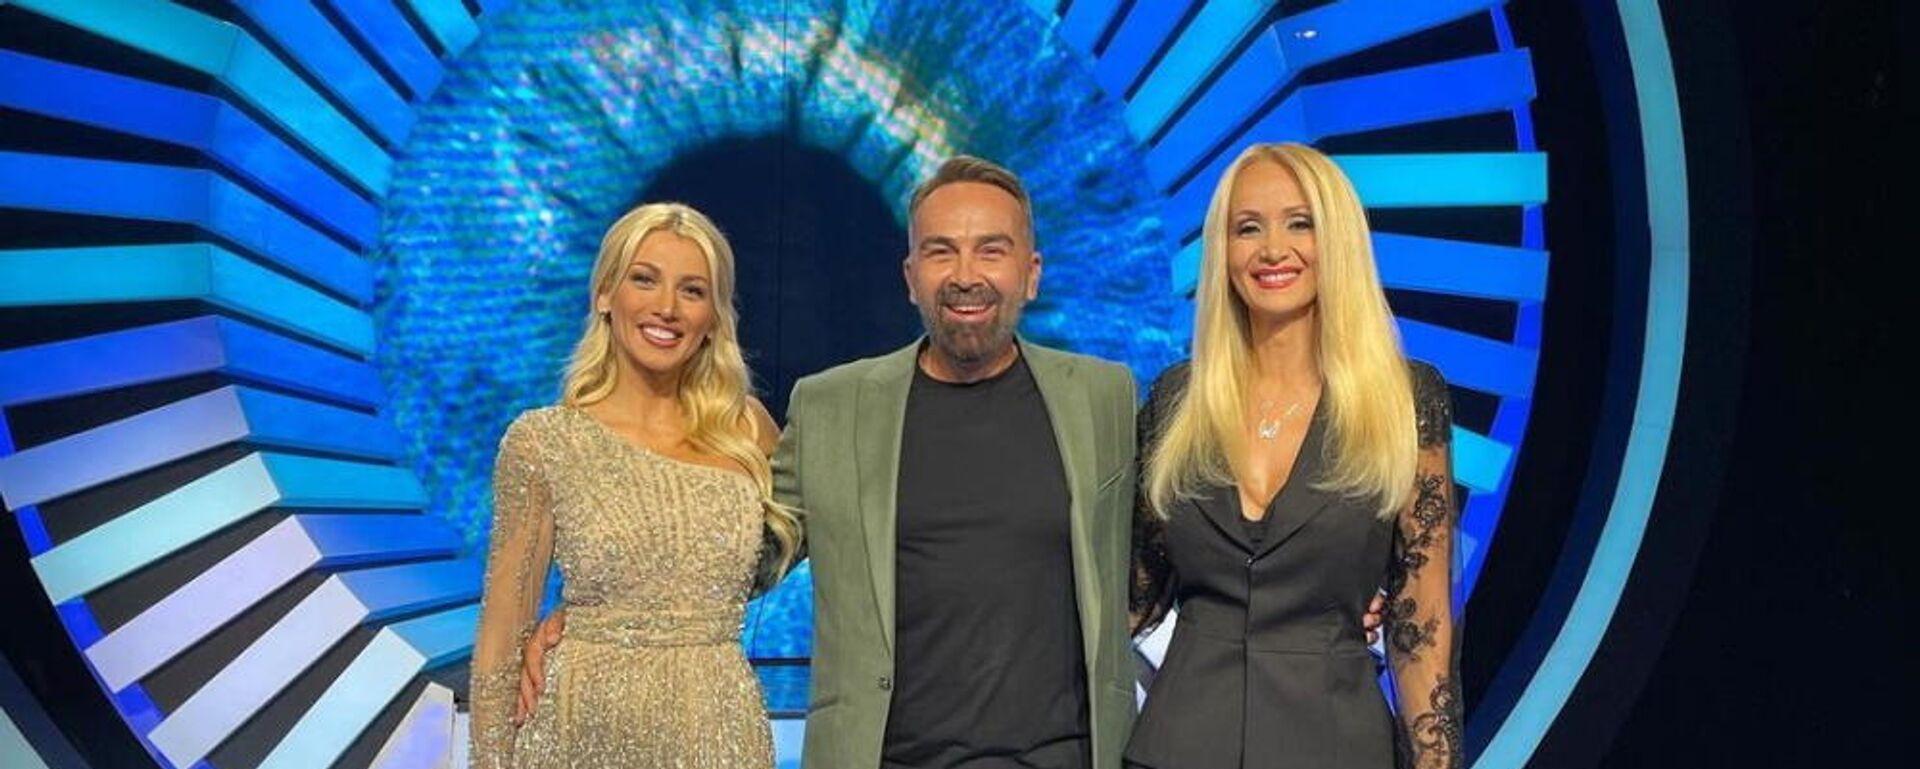 Η Κωνσταντίνα Σπυροπούλου, ο Γρηγόρης Γκουντάρας και η Ναταλί Κάκκαβα στο Big Brother 2 (ΣΚΑΪ), 17 Σεπτεμβρίου 2021 - Sputnik Ελλάδα, 1920, 18.09.2021